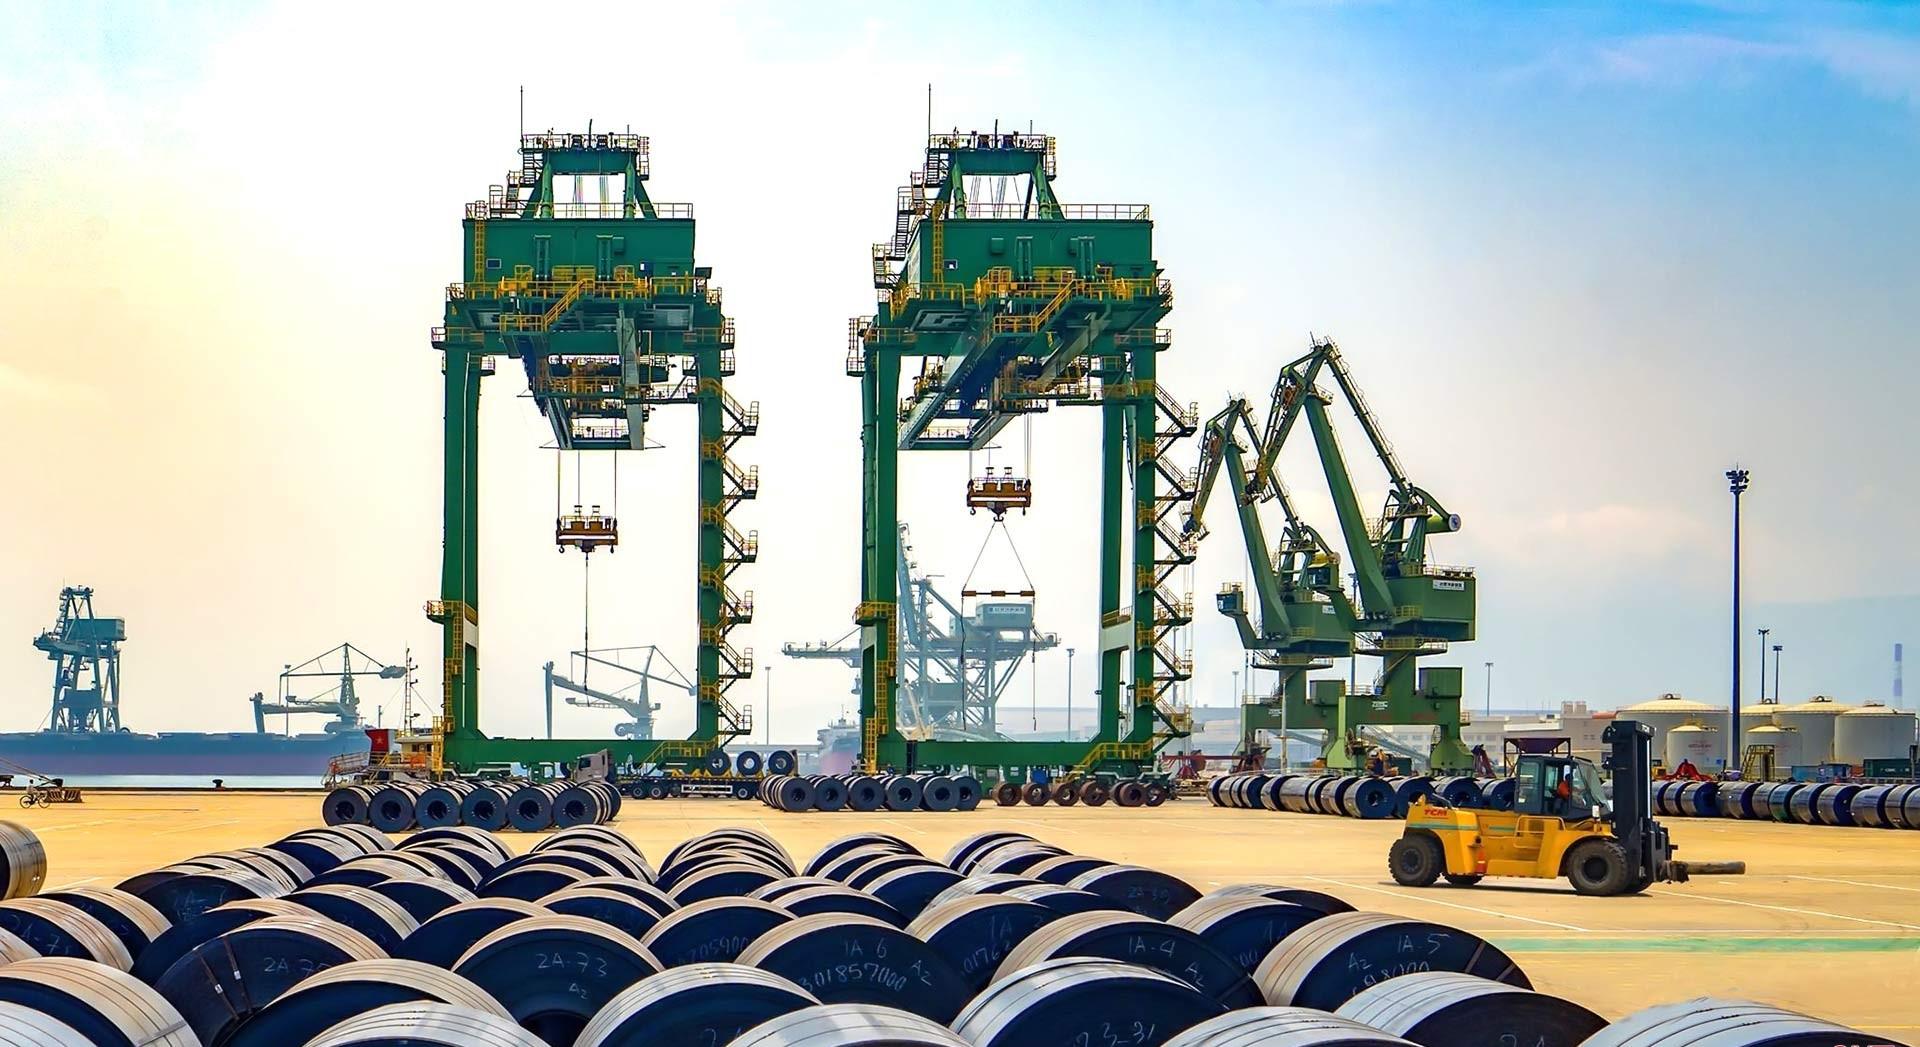 Tập trung thu hút đầu tư vào công nghiệp sau thép, công nghiệp phụ trợ  và dịch vụ Logistic, nâng cao hiệu quả hoạt động Khu kinh tế  Vũng Áng, tạo động lực phát triển kinh tế nhanh và bền vững